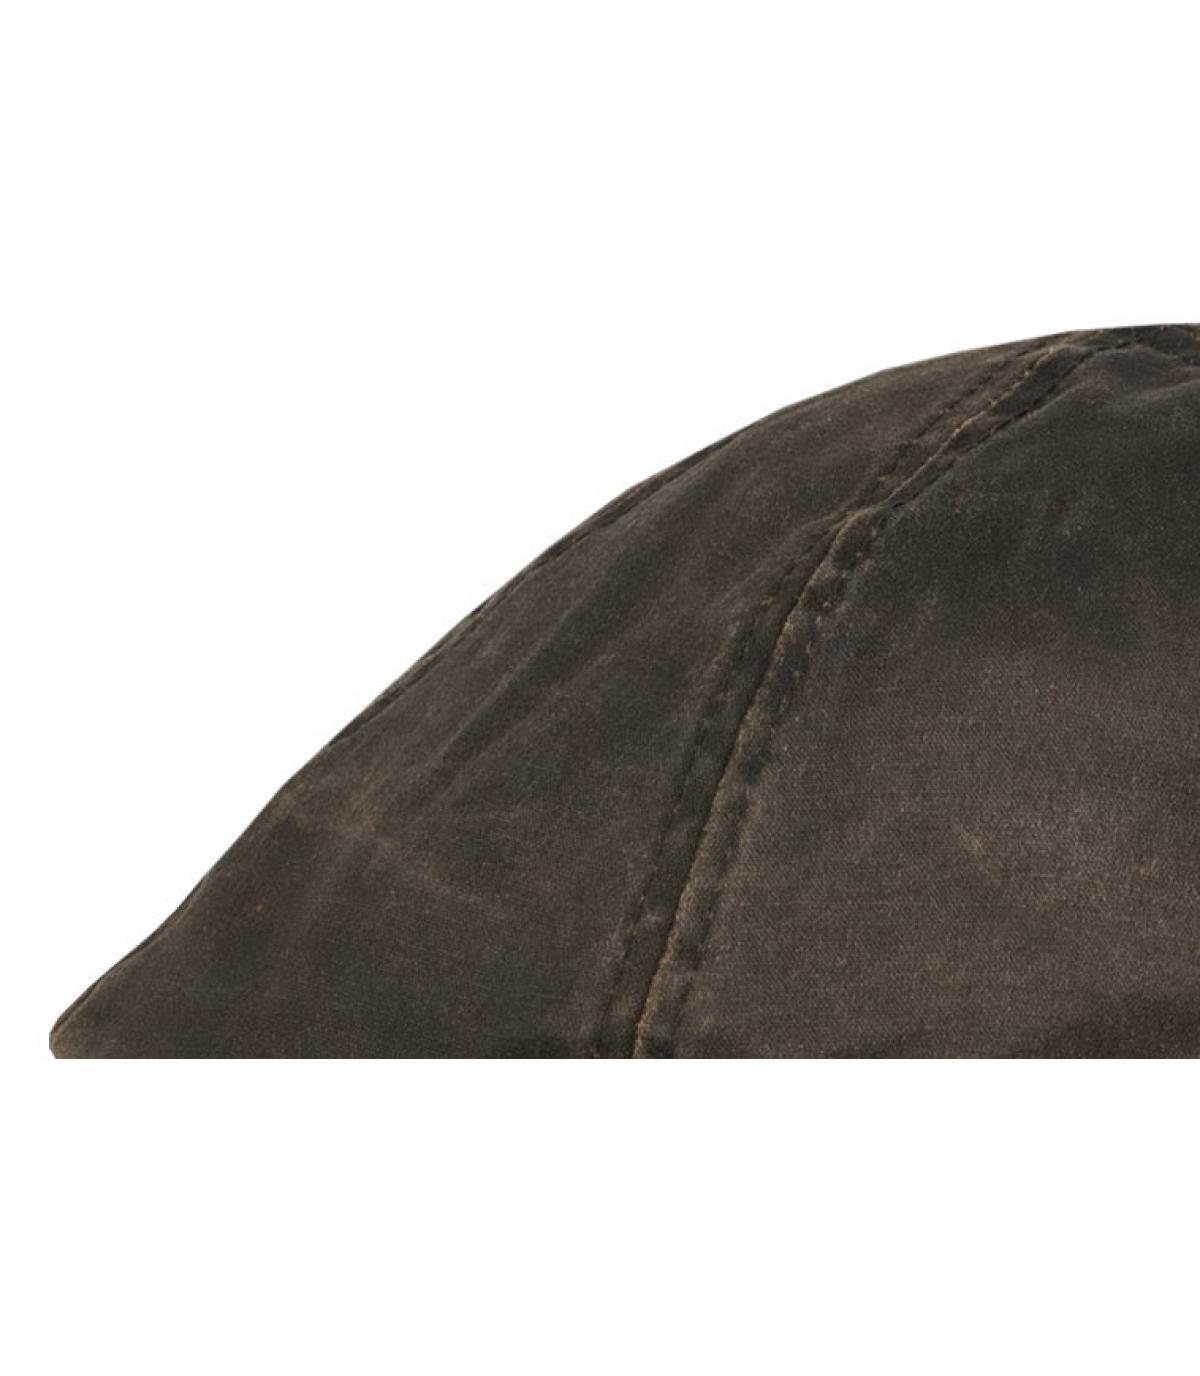 Détails Level brown - image 2